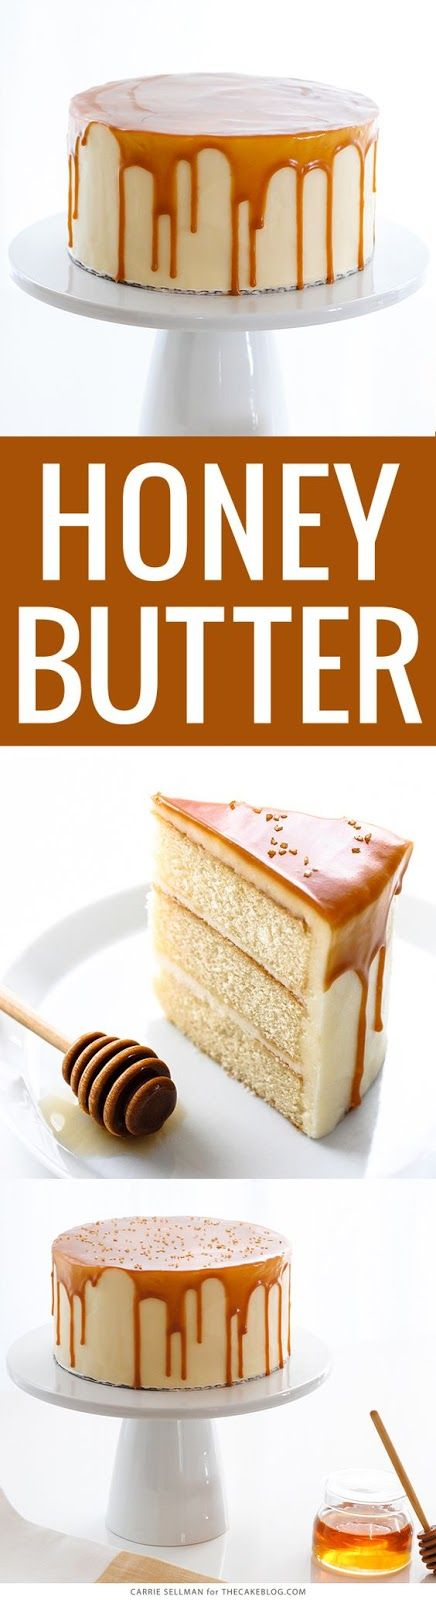 HONEY CAKE WITH HONEY BUTTERSCOTCH GLAZE   Food And Cake Recipes